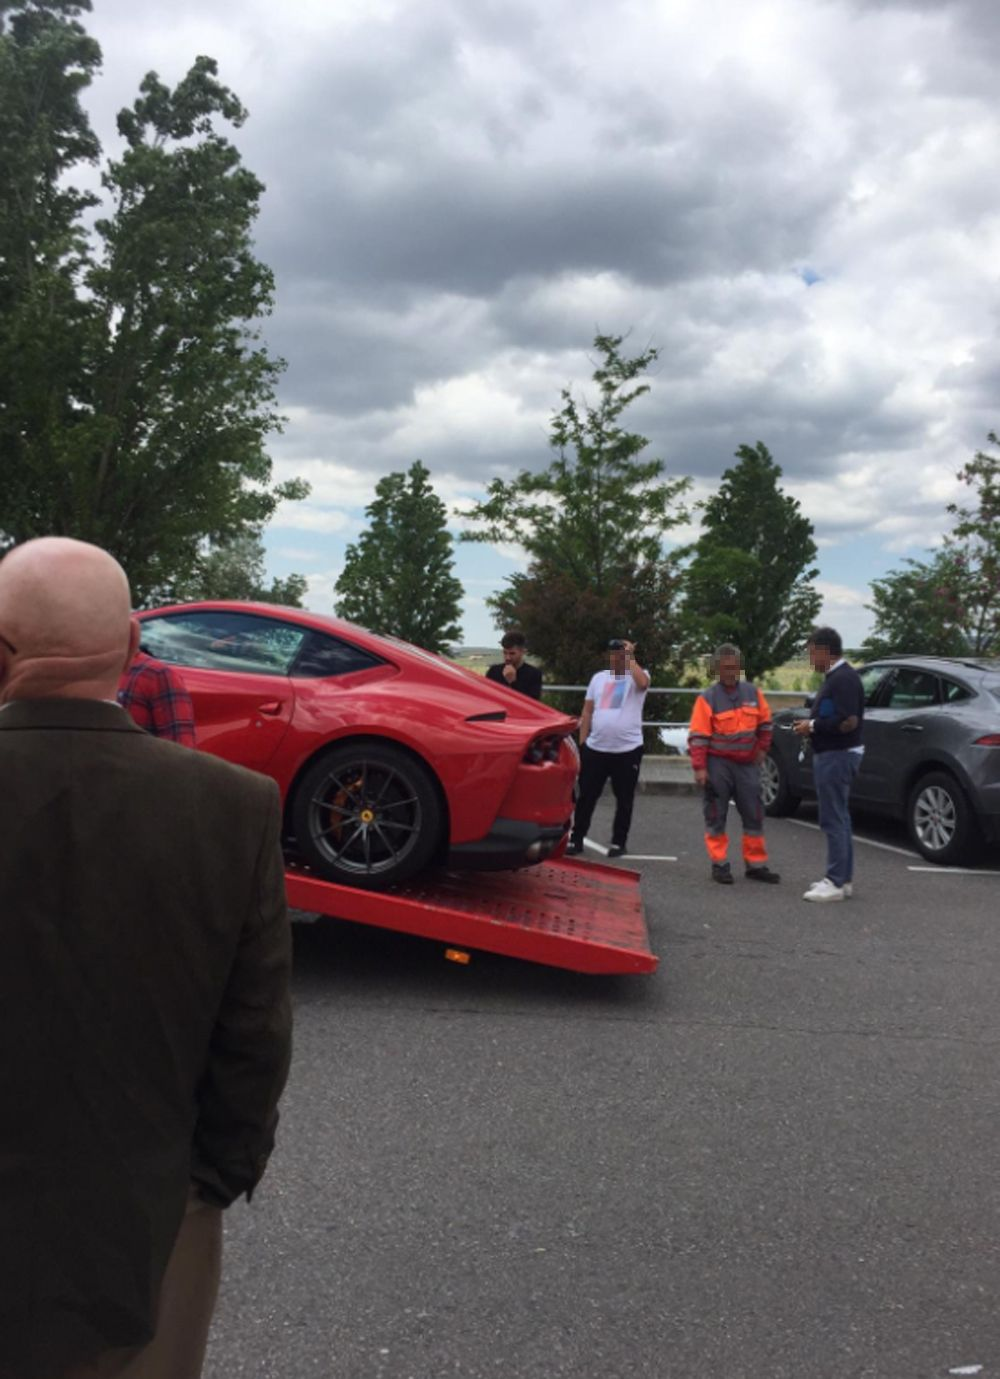 EXCLUSIVA Alejandro Albalá se compra un Ferrari 812 Superfast valorado en más de 100.000-Albalá se gasta más de 100.000 euros en un coche